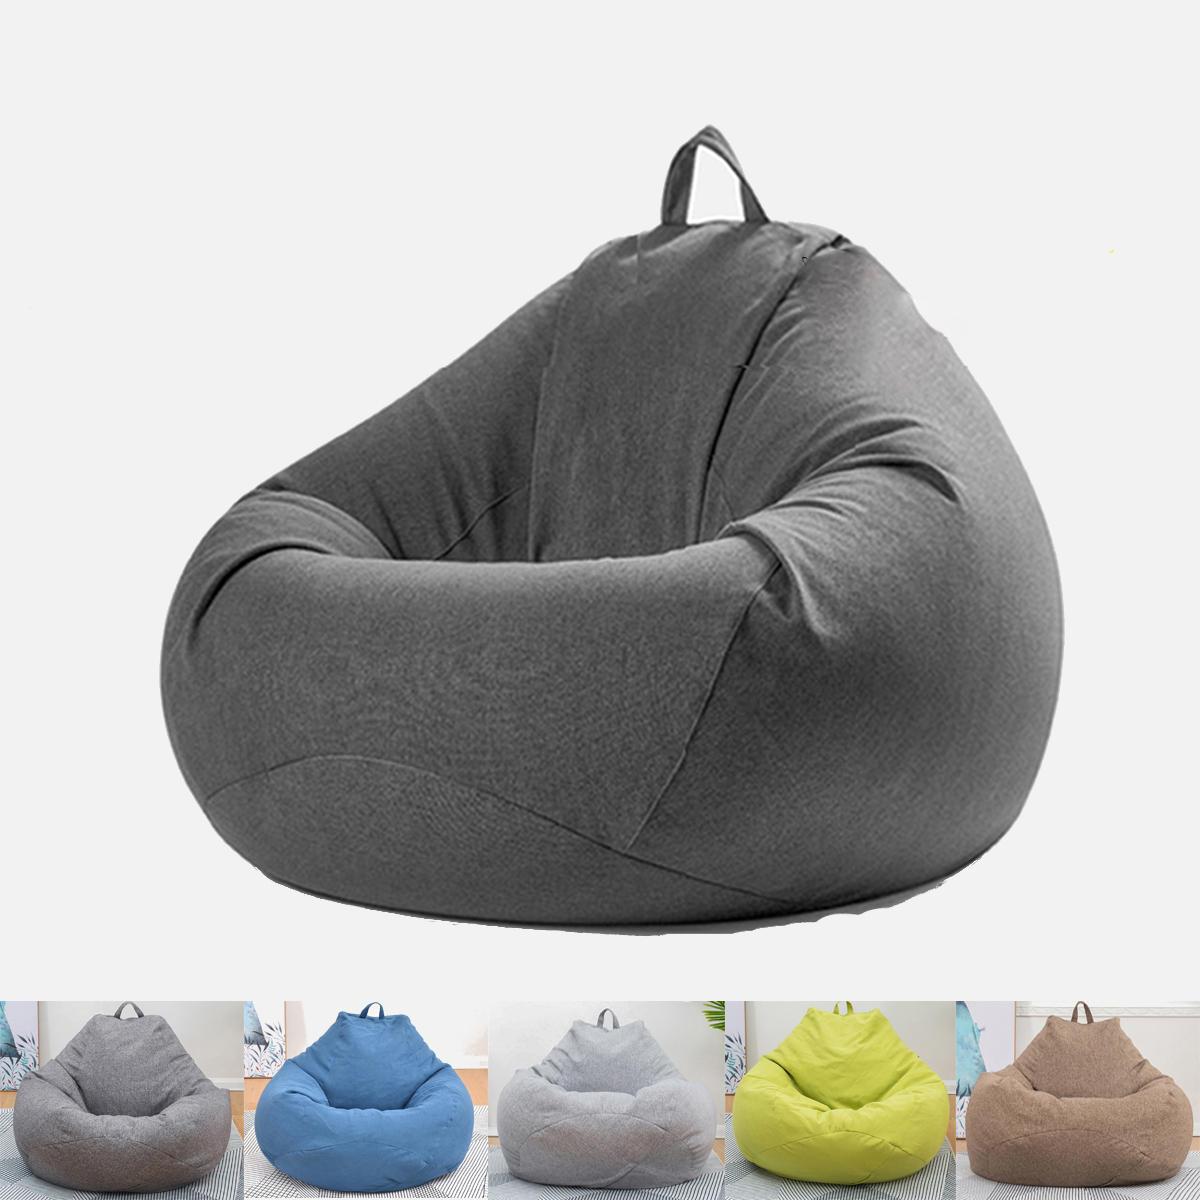 Extra grande Bean Bolsa Cadeira preguiçosa Sofa Cover Indoor Game Outdoor Seat BeanBolsa